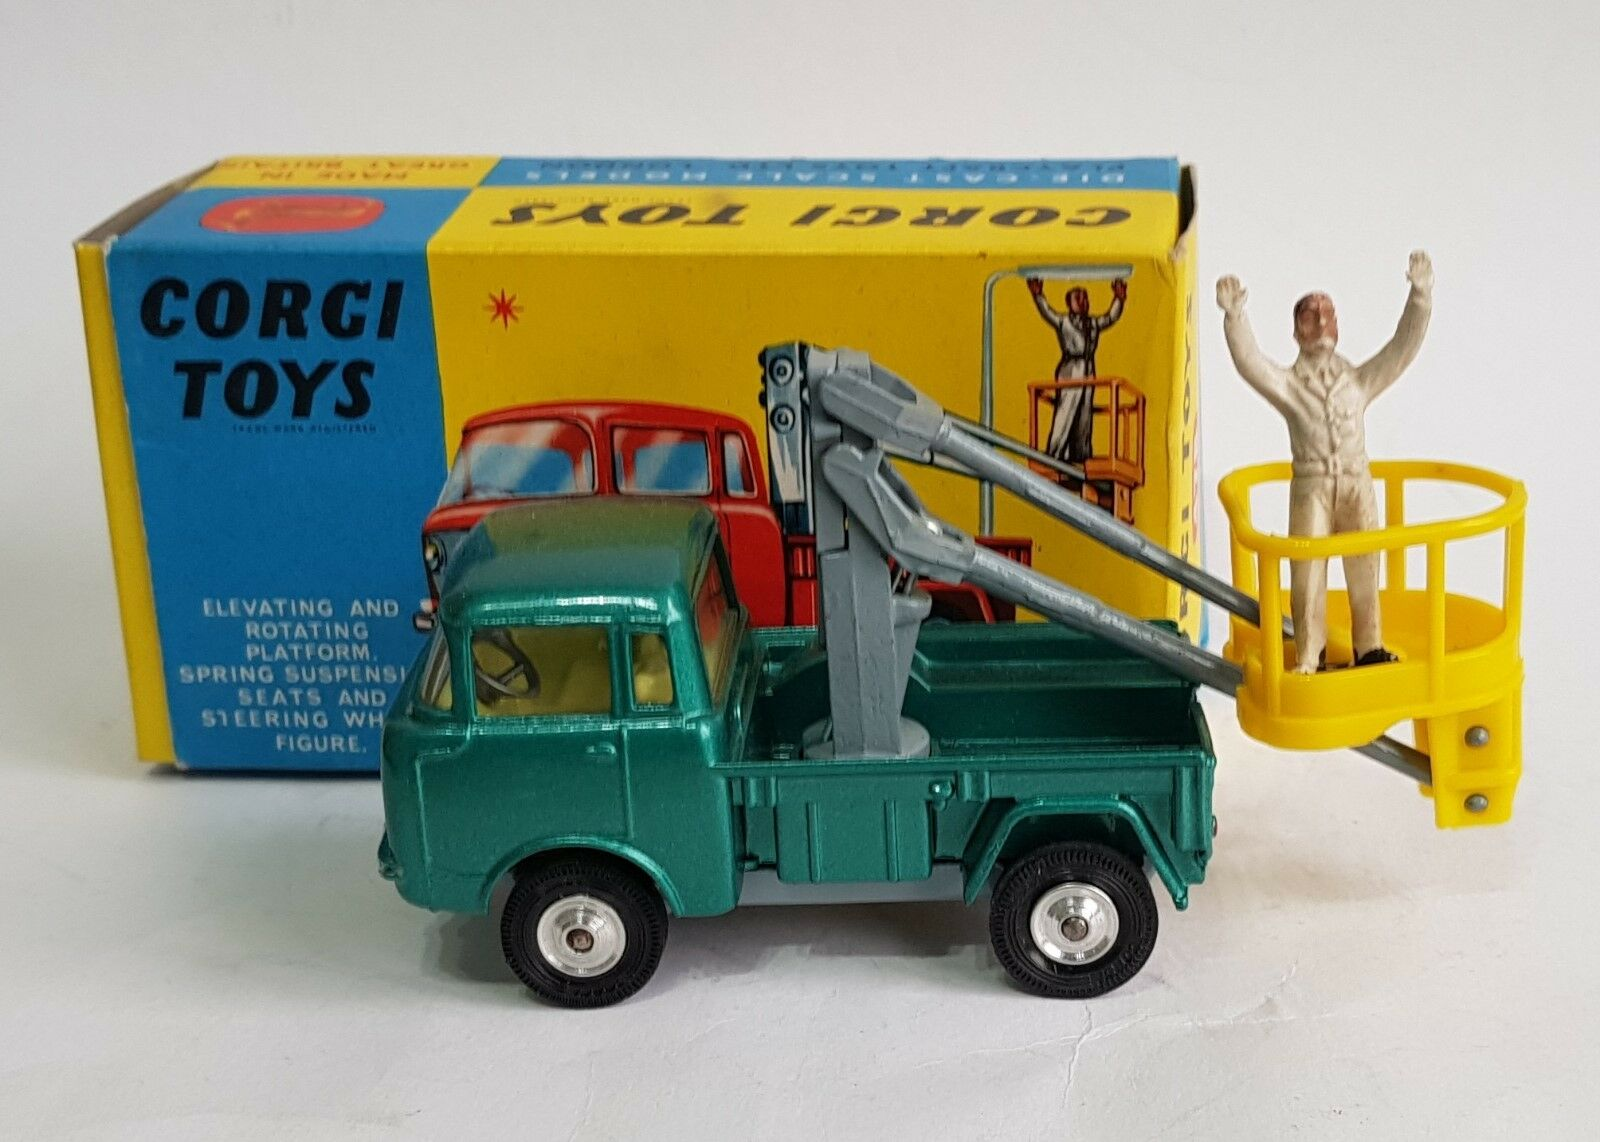 Corgi Toys No. 478, Hydraulic Tower Wagon on Foeward Control Jeep, - Superb Mint